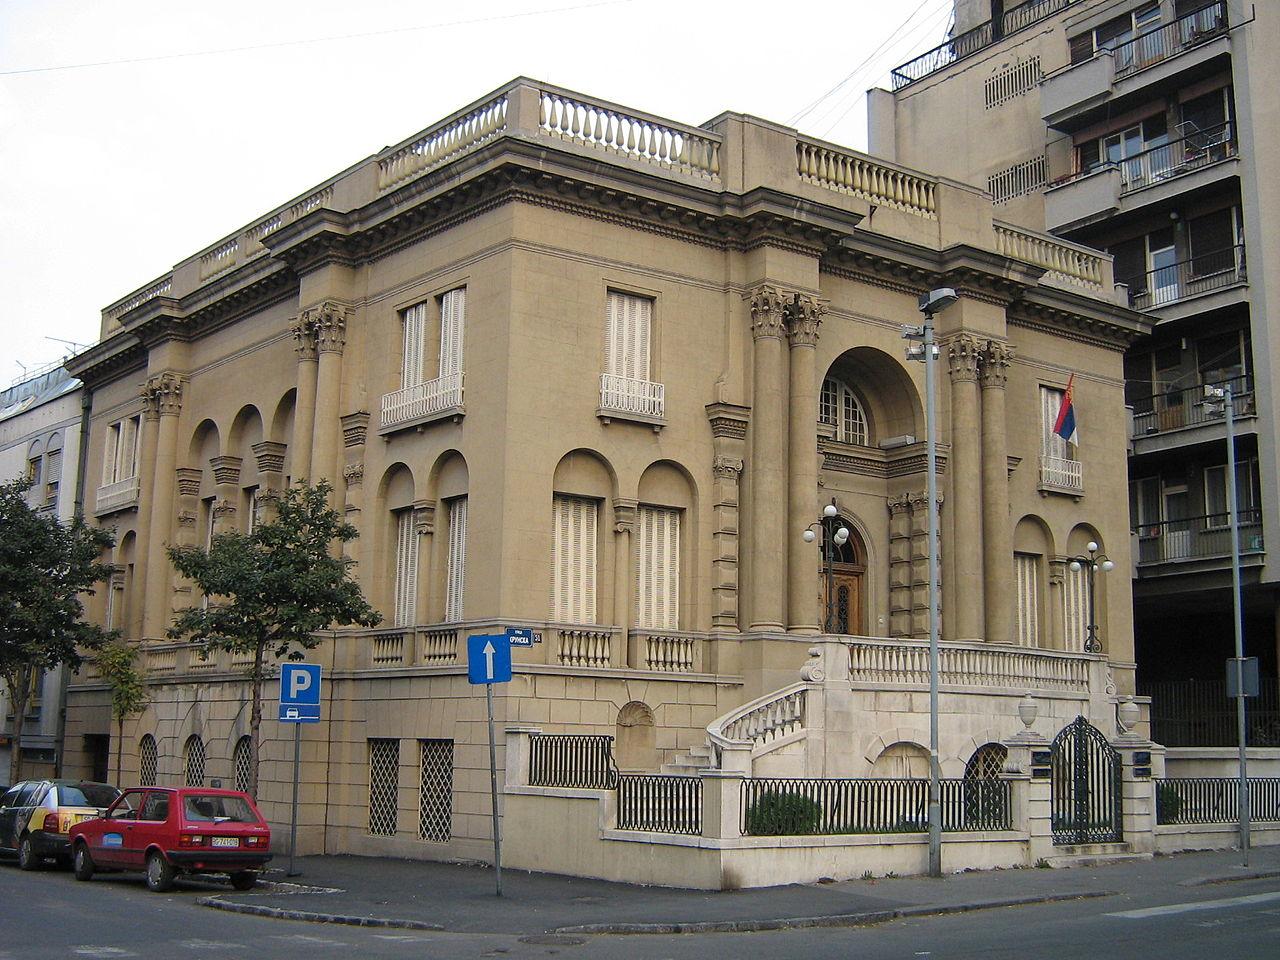 位於塞爾維亞貝爾格勒的尼古拉.特斯拉博物館